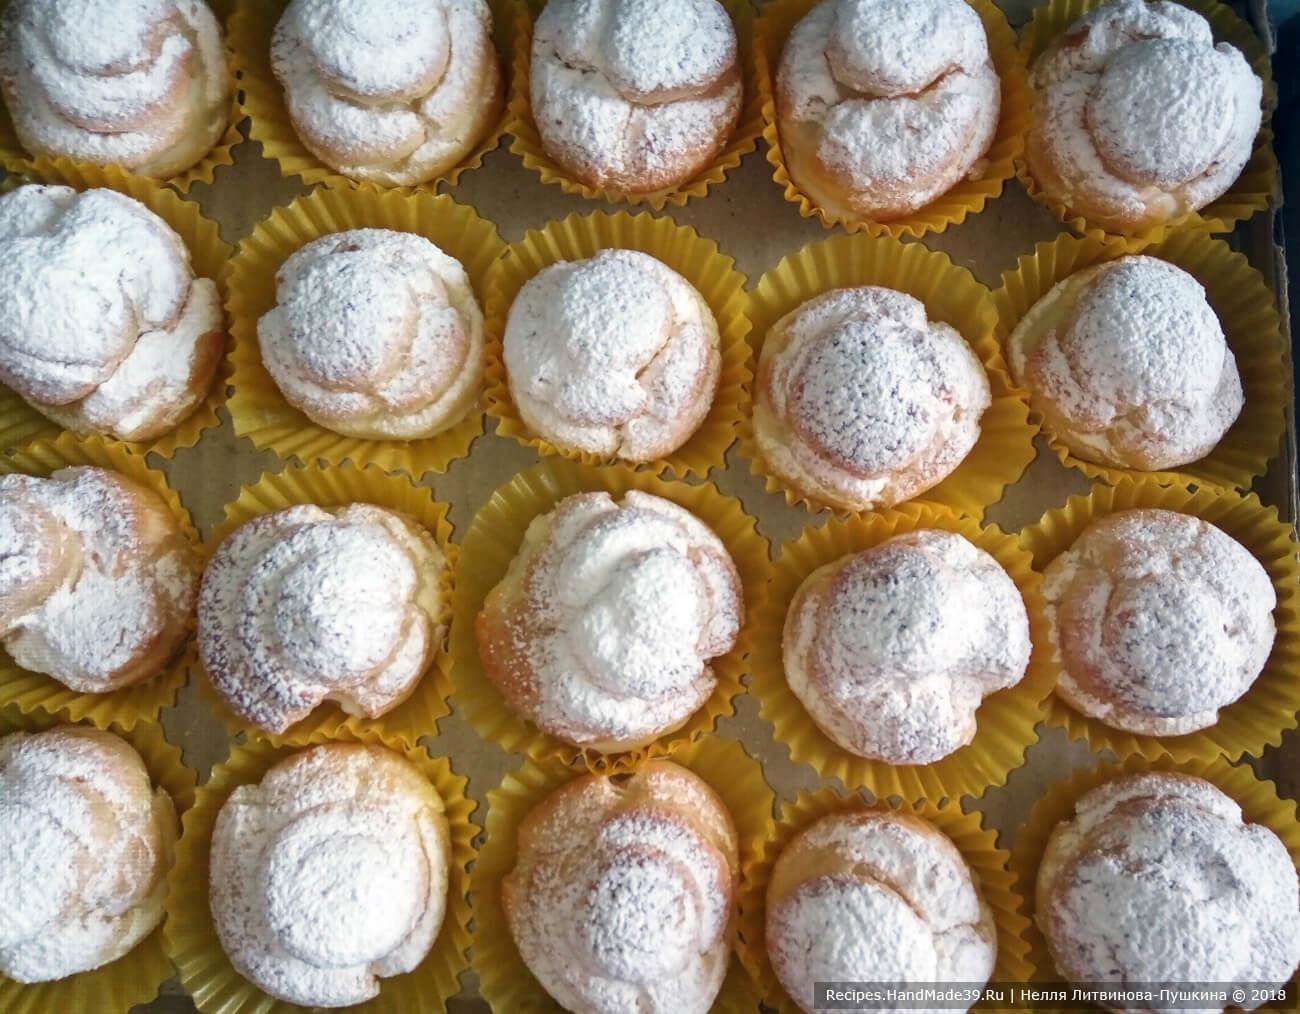 Круглые заварные пирожные с заварным кремом